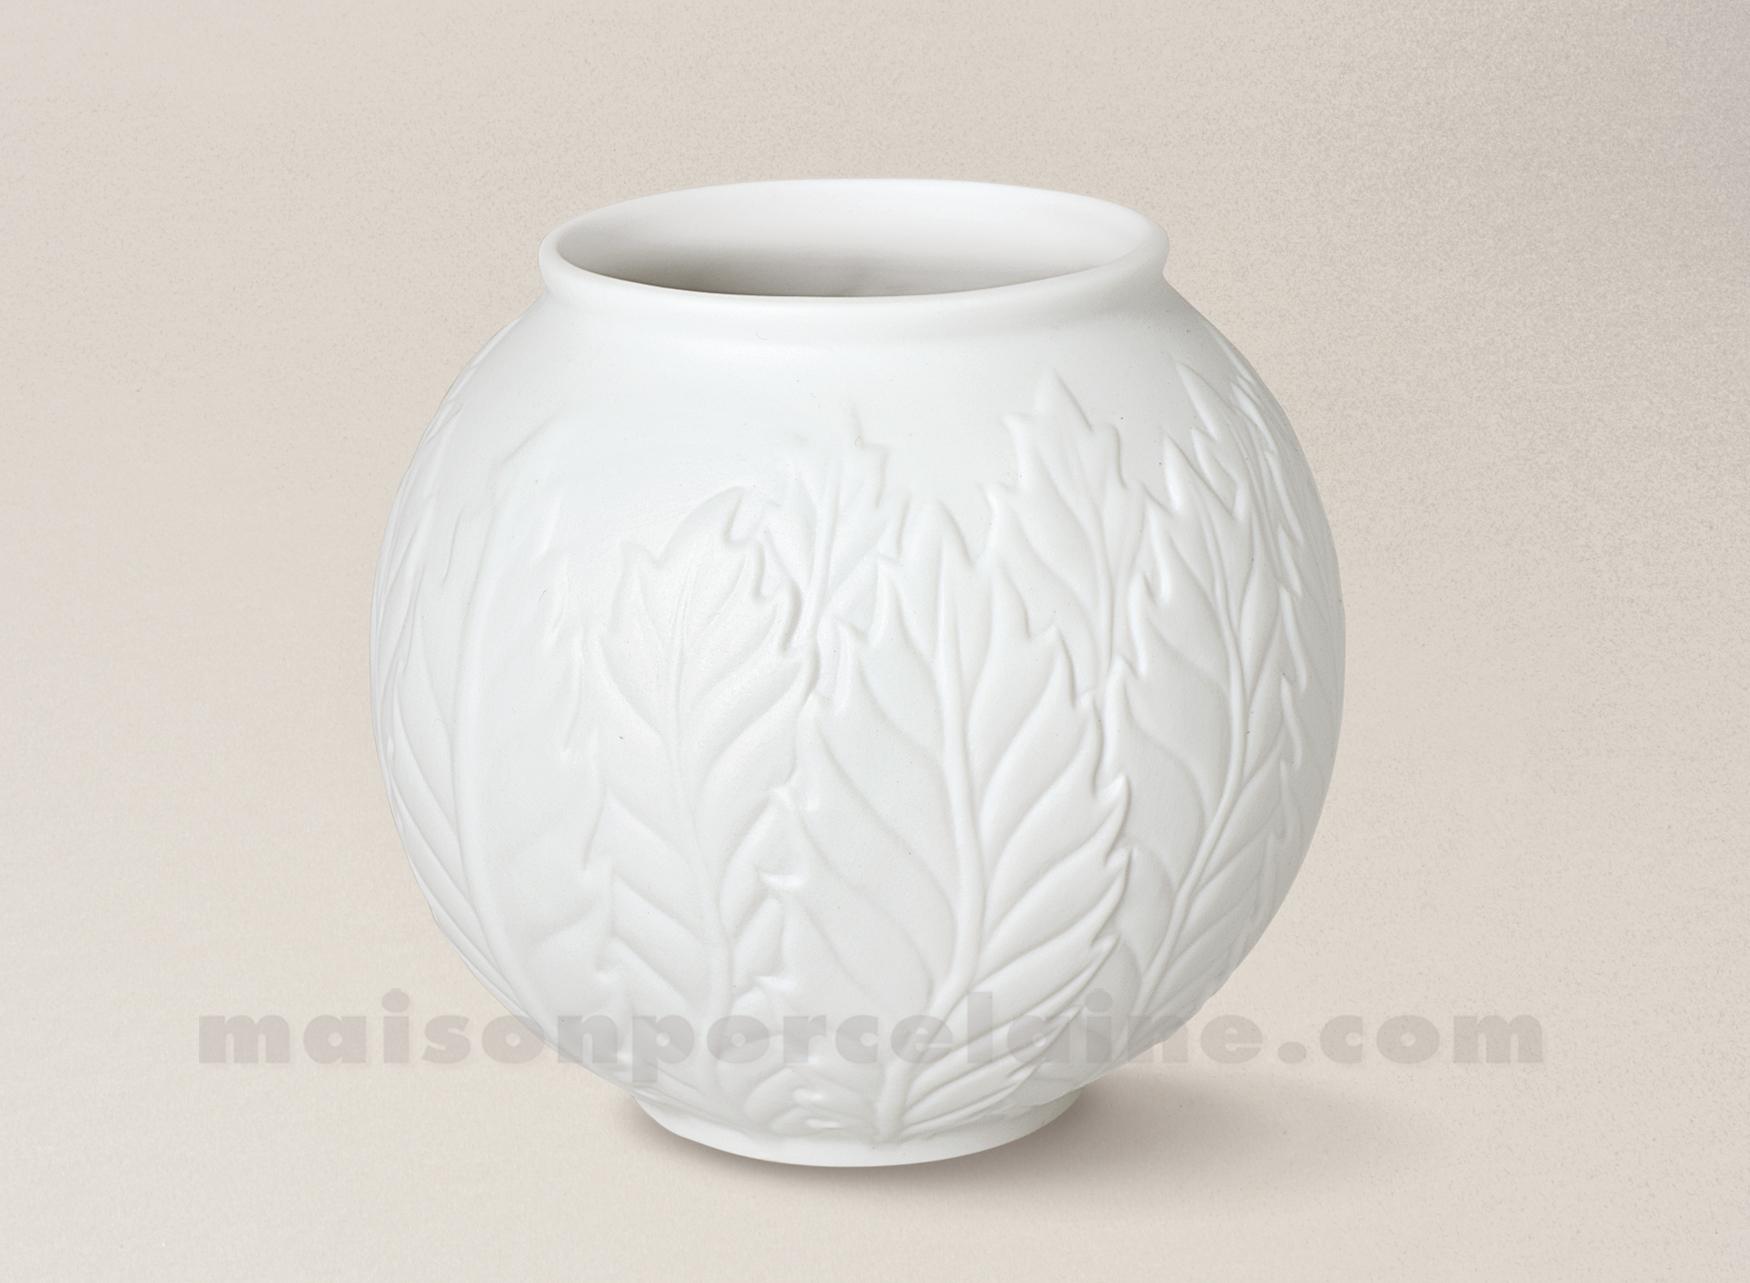 Vase porcelaine blanche limoges biscuit boule relief 14x19 - La maison de porcelaine ...